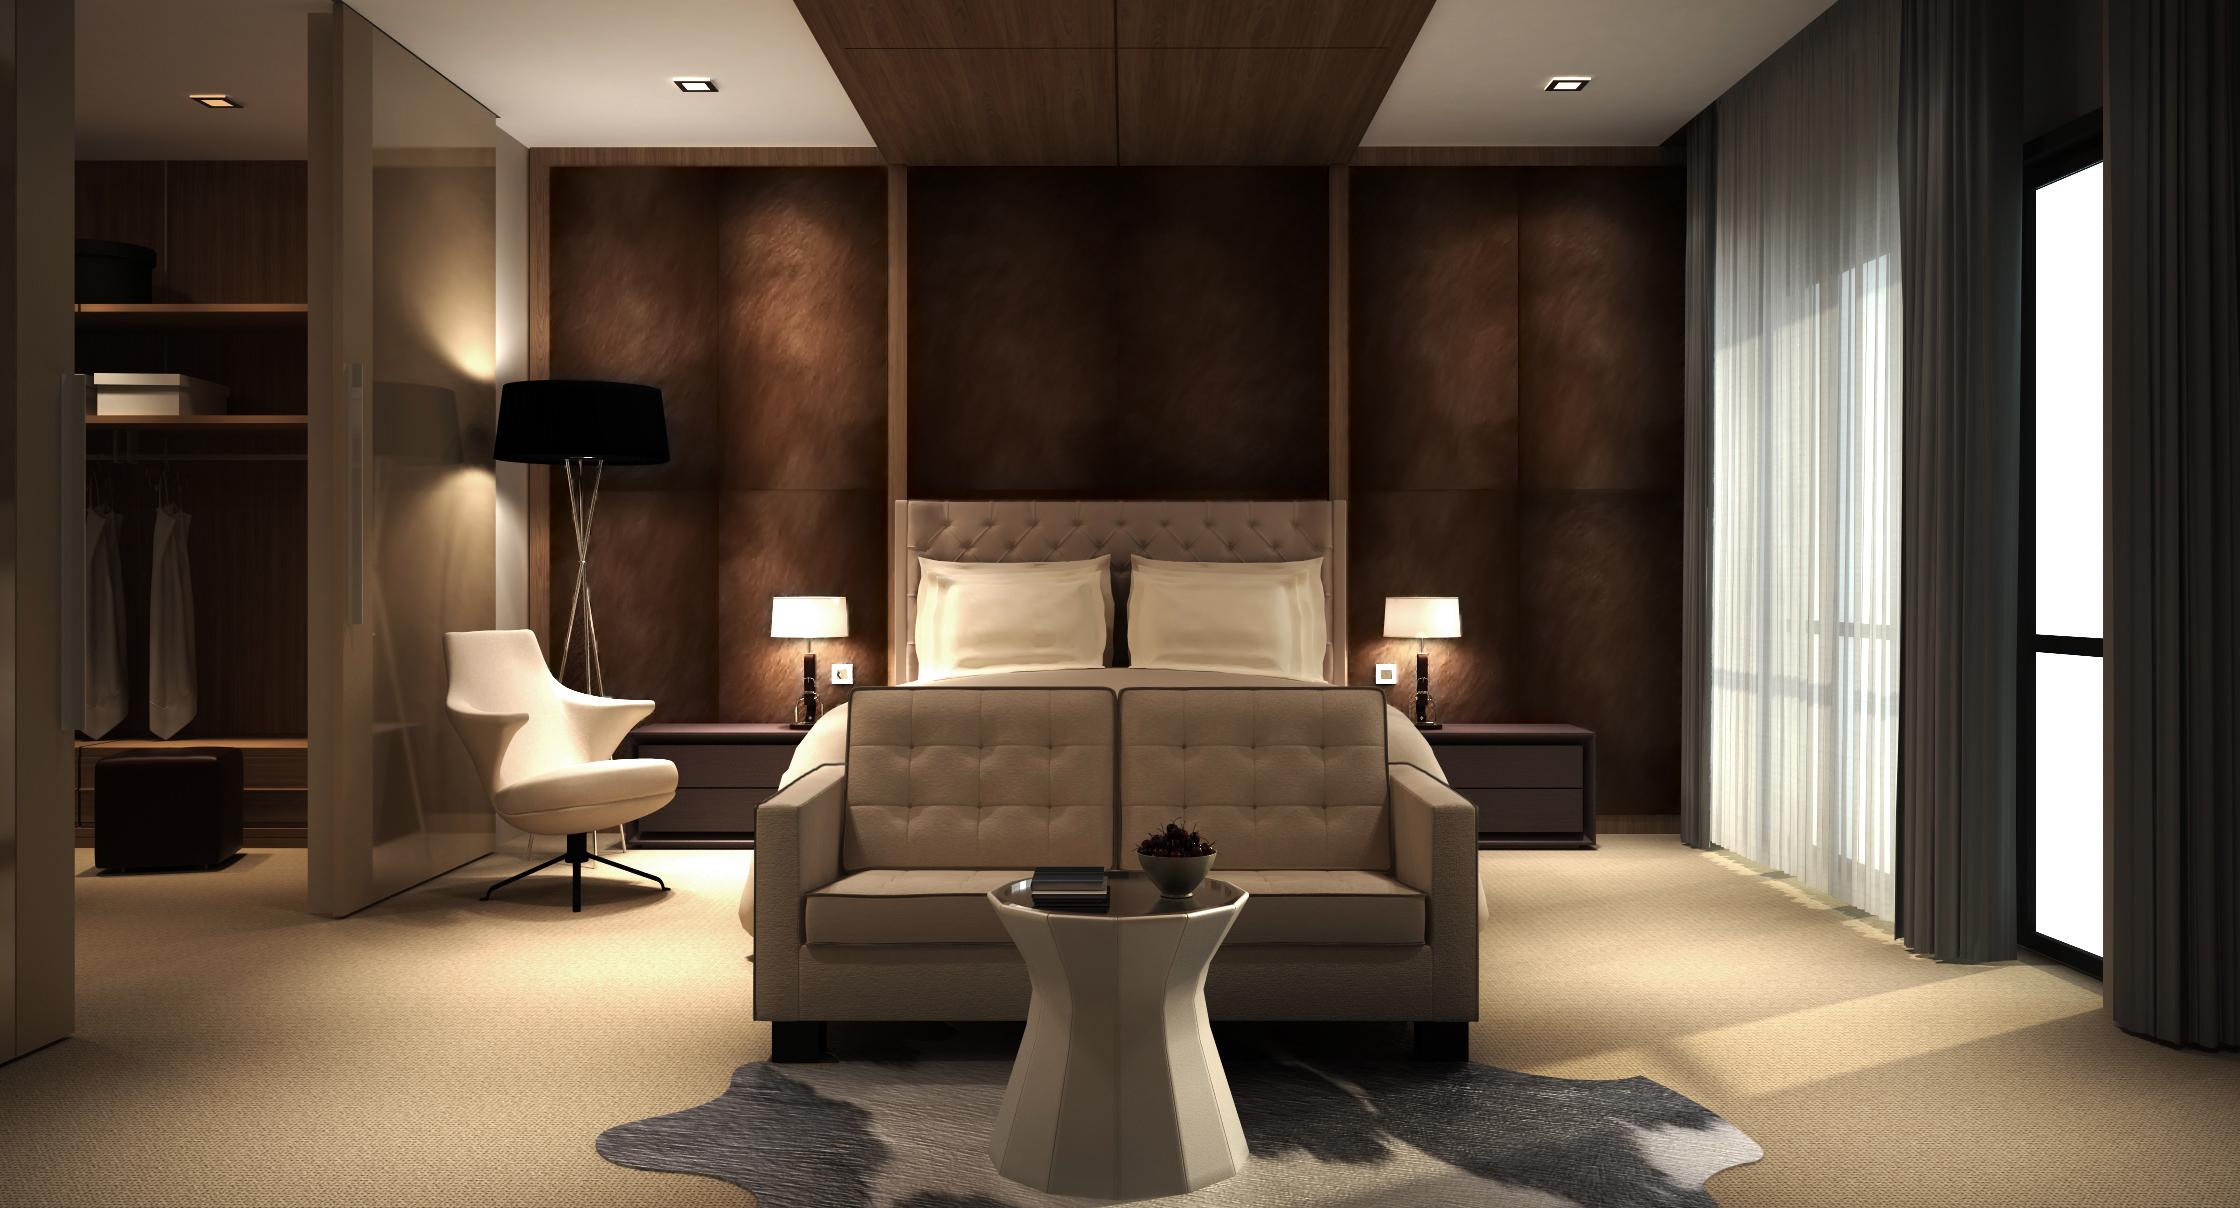 09-master bedroom.jpg